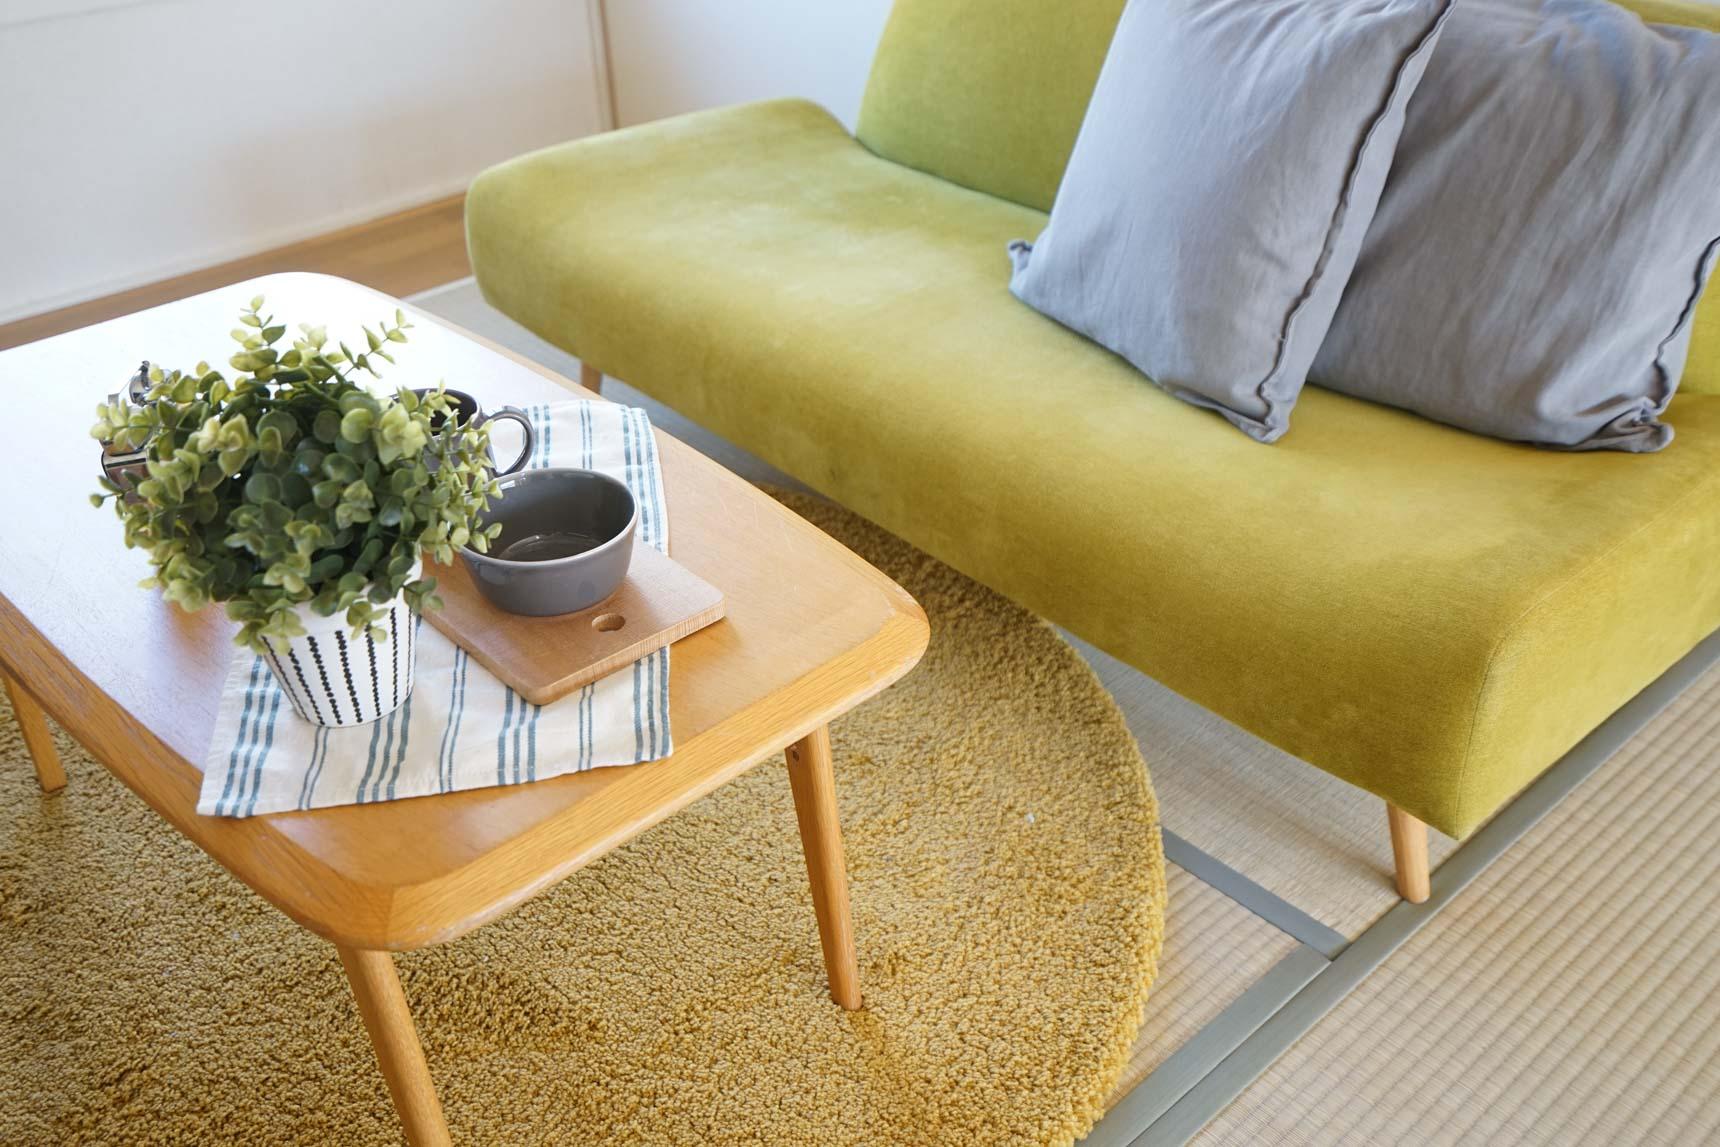 ソファやテーブルも丸みのあるデザイン、カーペットを合わせるときも円形のものを選ぶとうまくまとまります。